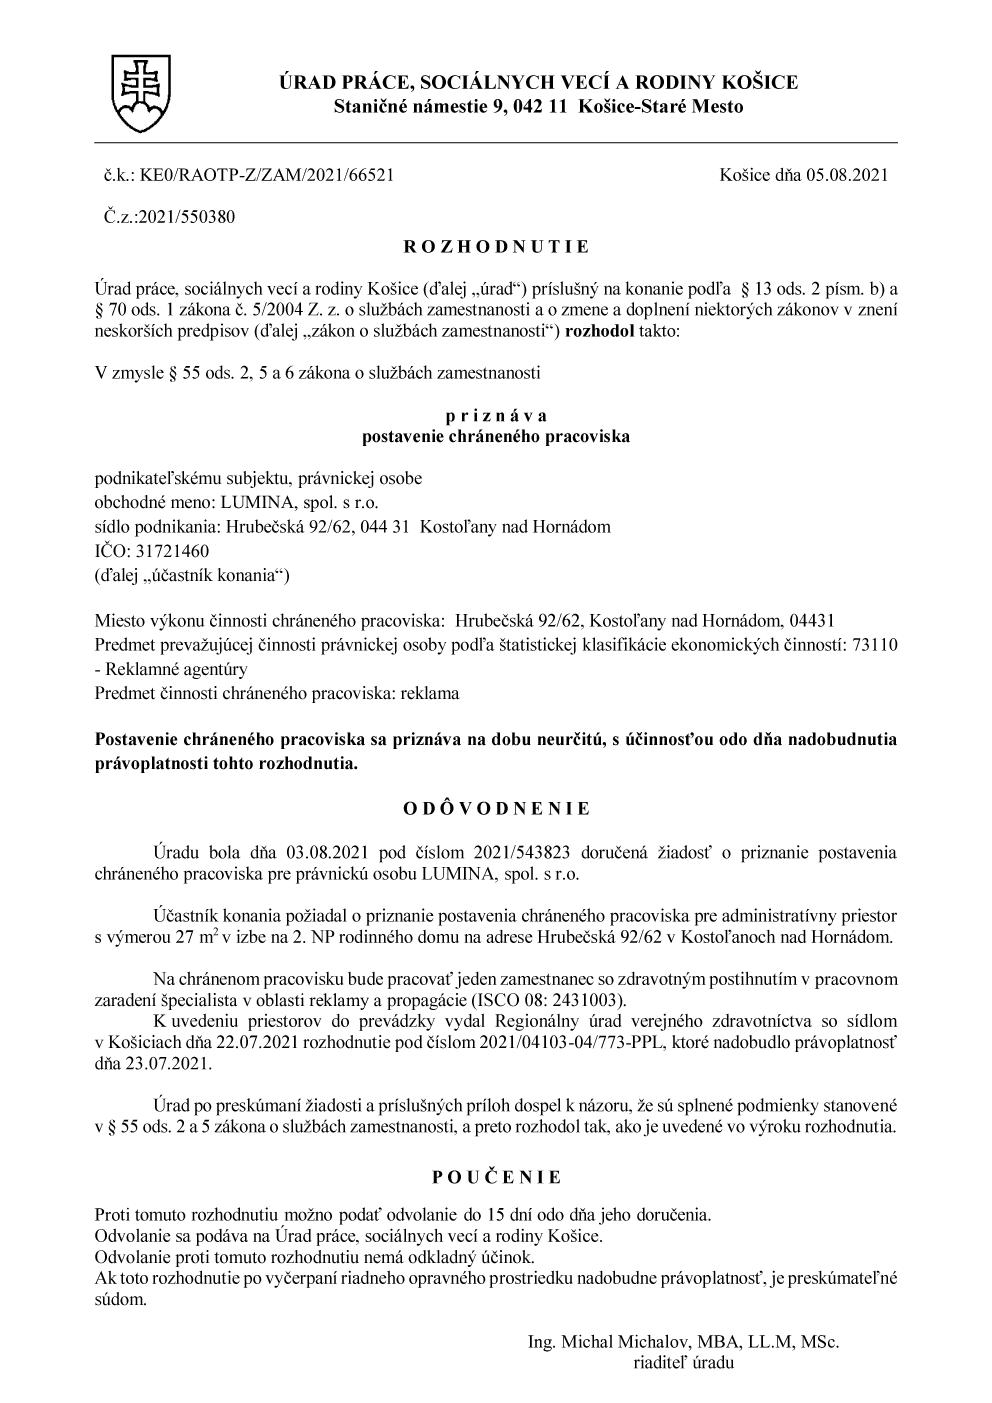 Rozhodnutie o pridelení chráneného pracoviska.